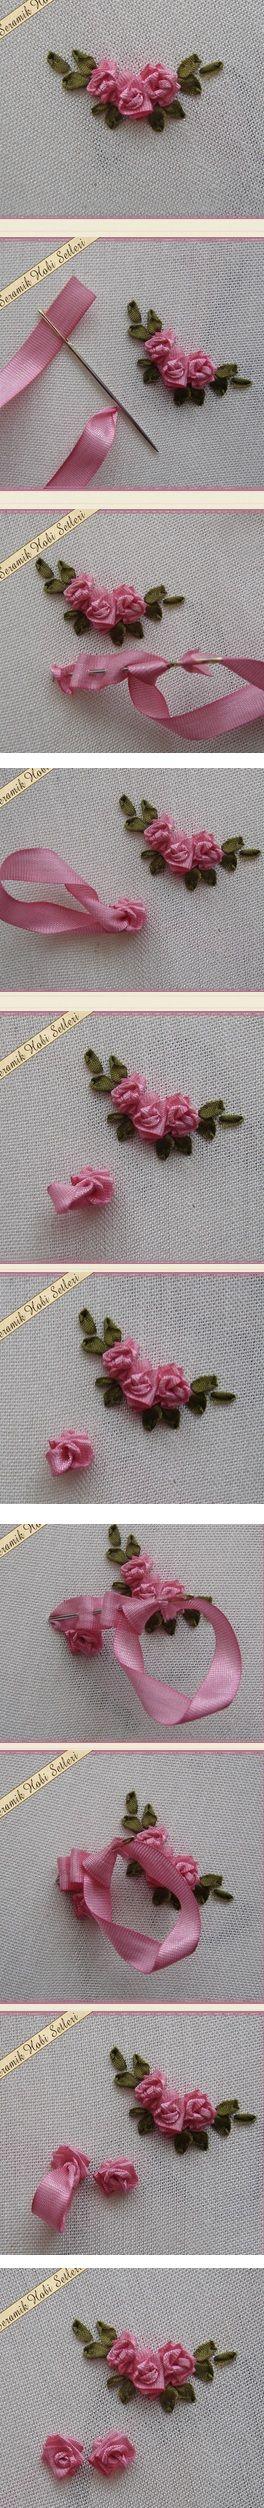 Sweet ribbonwork Rosebud clusters.